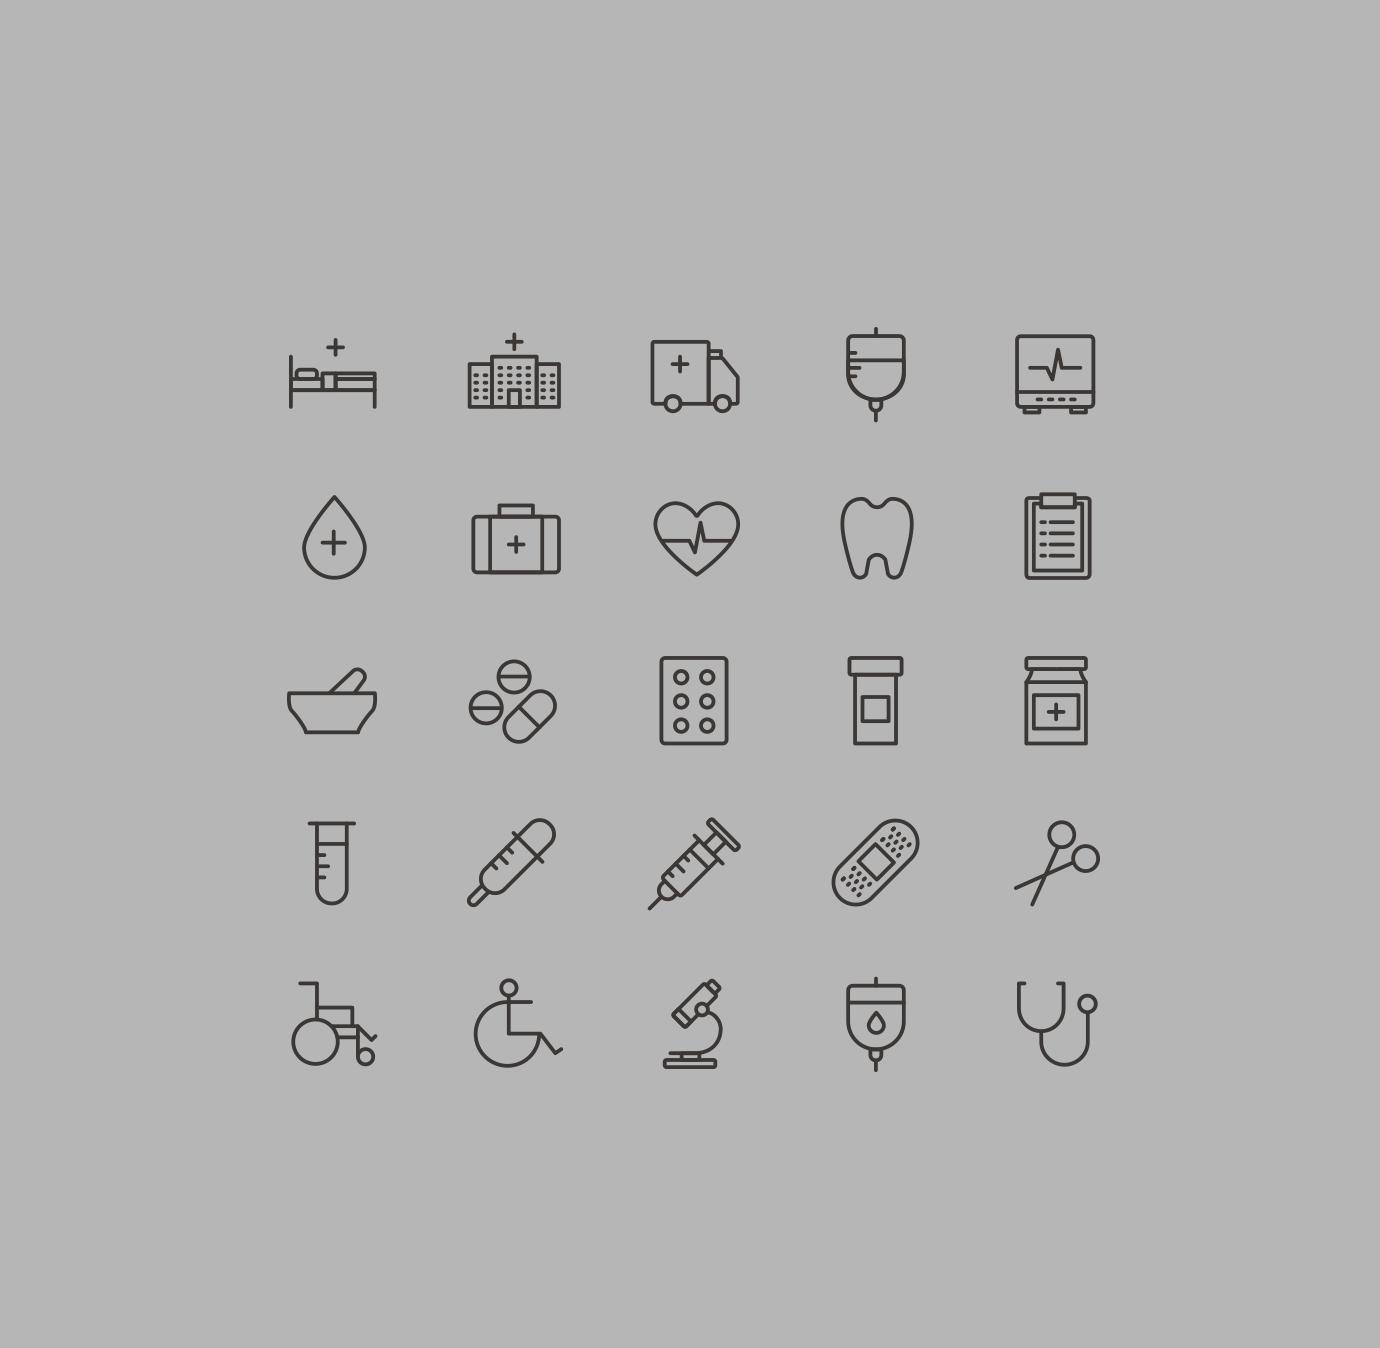 icons-artikular-yoenpaperland